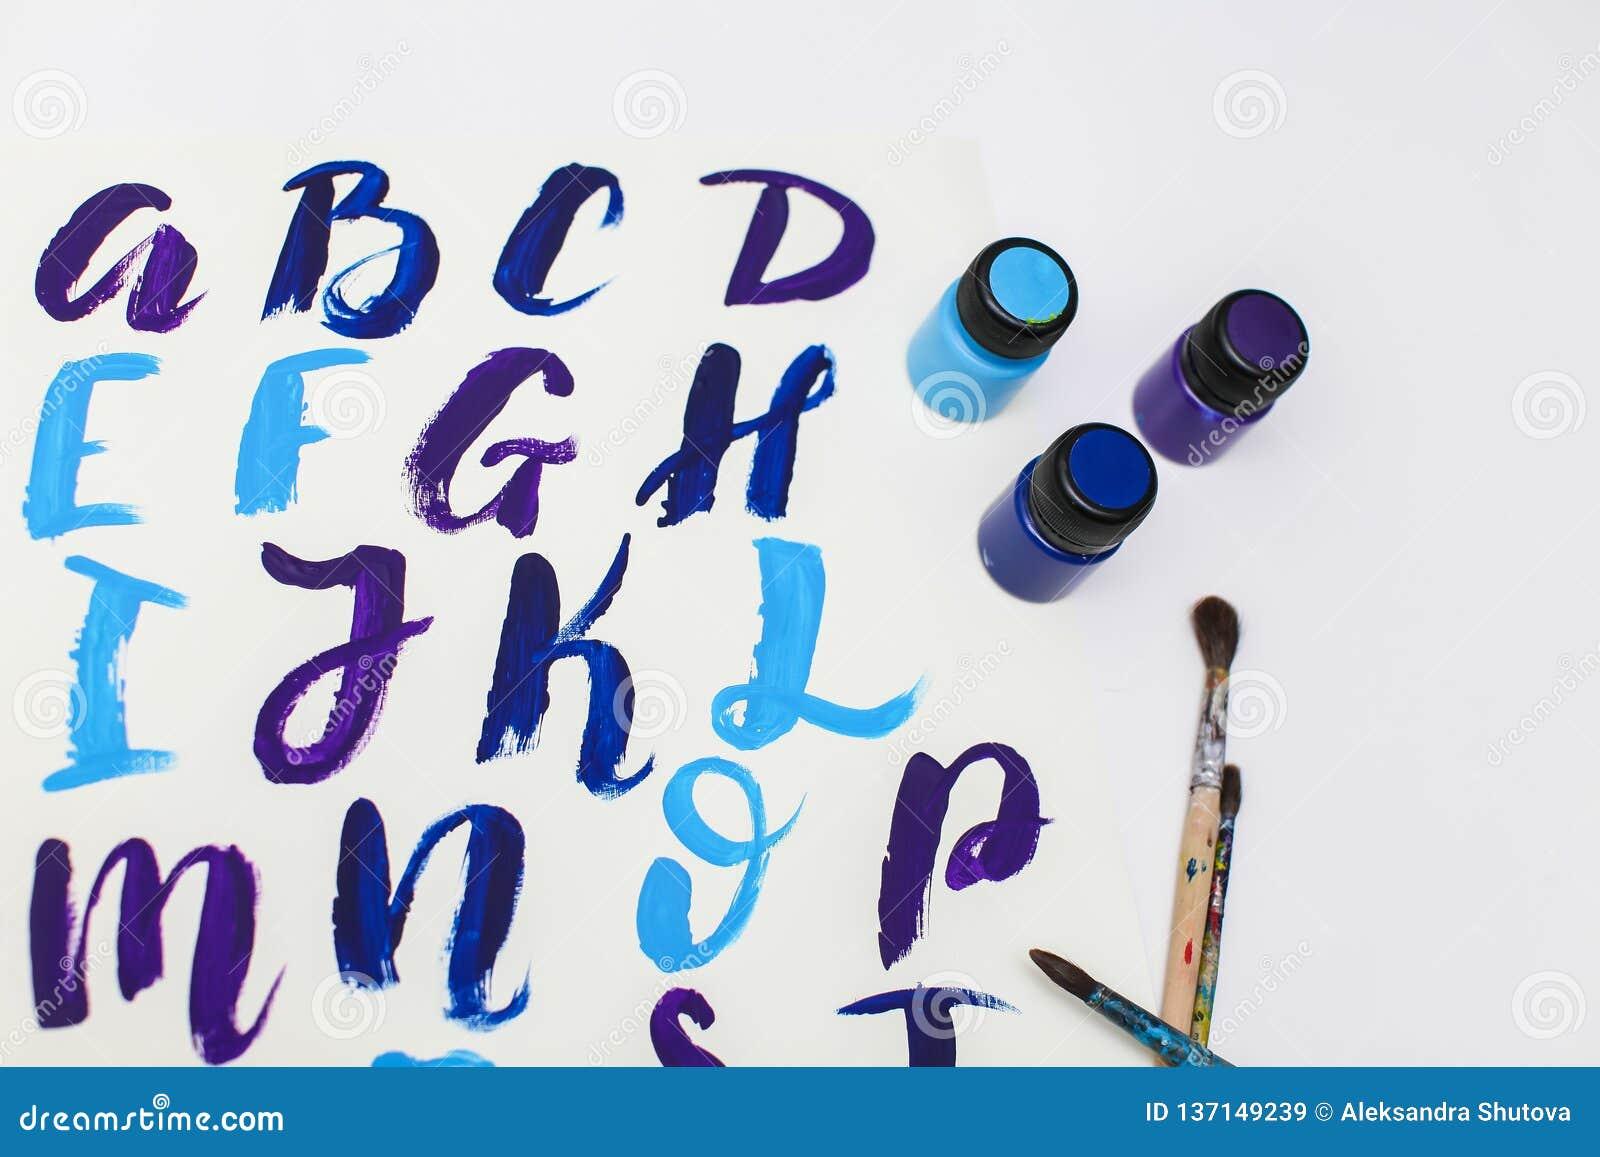 Calligrafia che segna alfabeto con lettere disegnato con la spazzola asciutta Lettere di ABC inglese scritte con il pennello